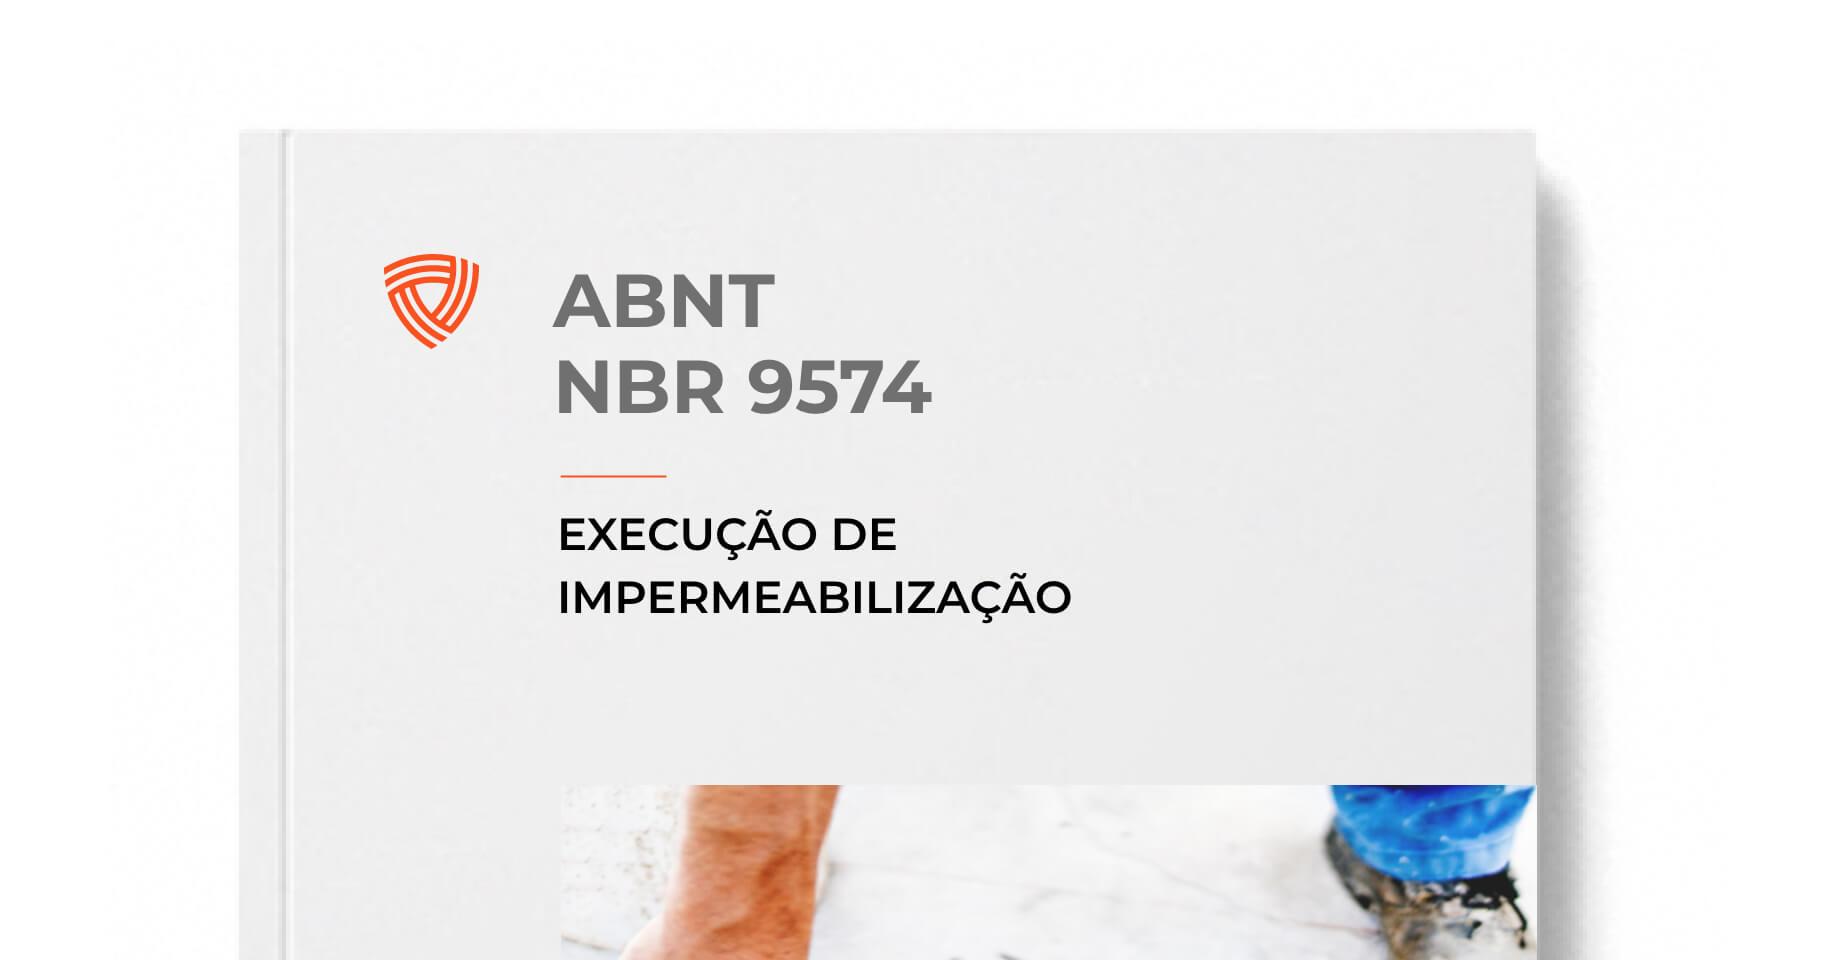 ABNT NBR 9574 - Execução de Impermeabilização